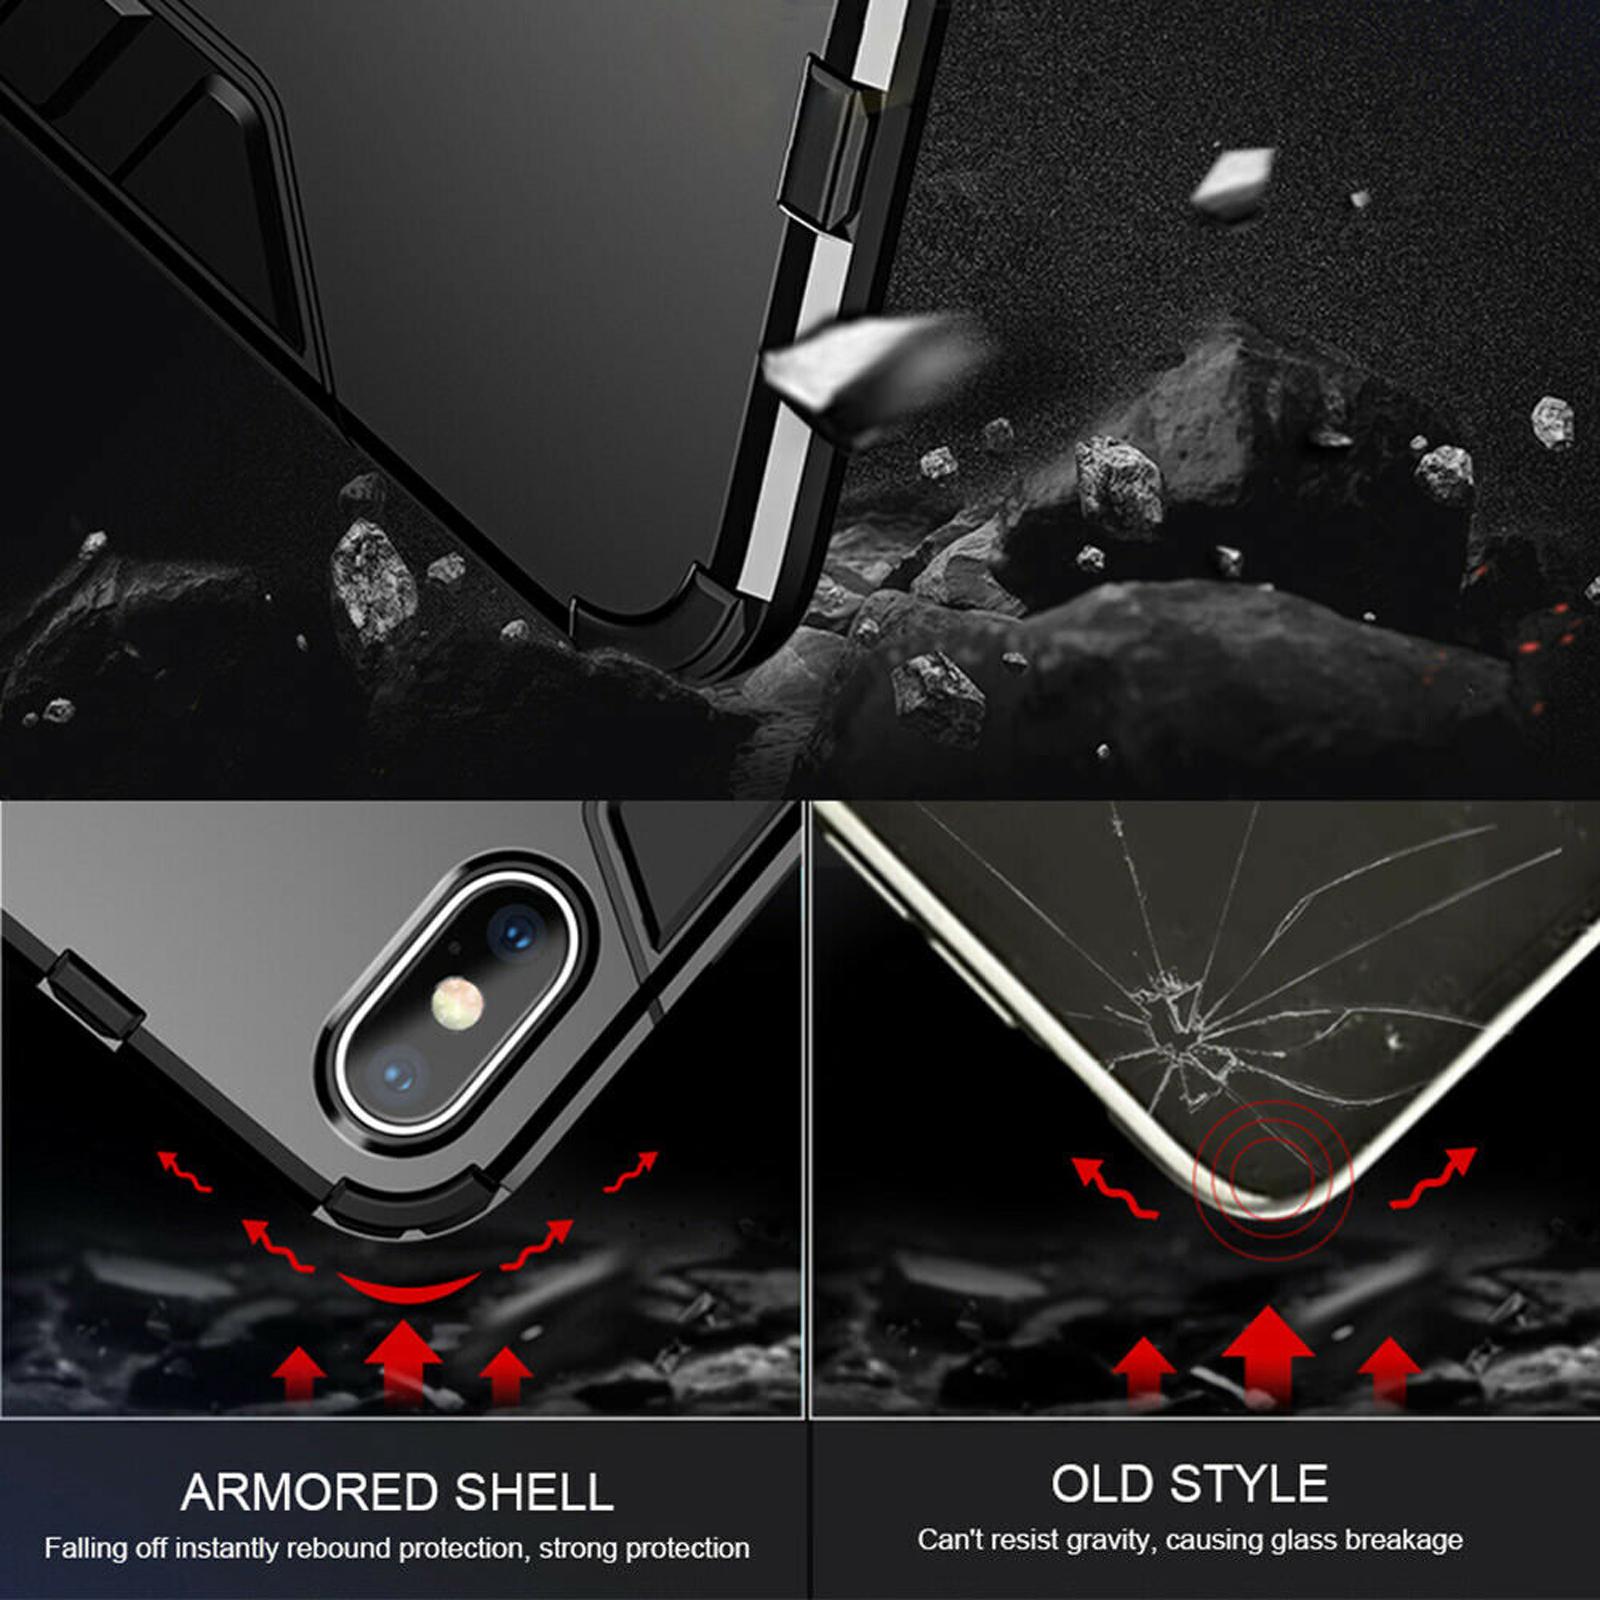 thumbnail 16 - For Apple iPhone 12 Pro Max Mini 11 XR X 8 7 Plus 6 Se 2020 Case Cover Ring